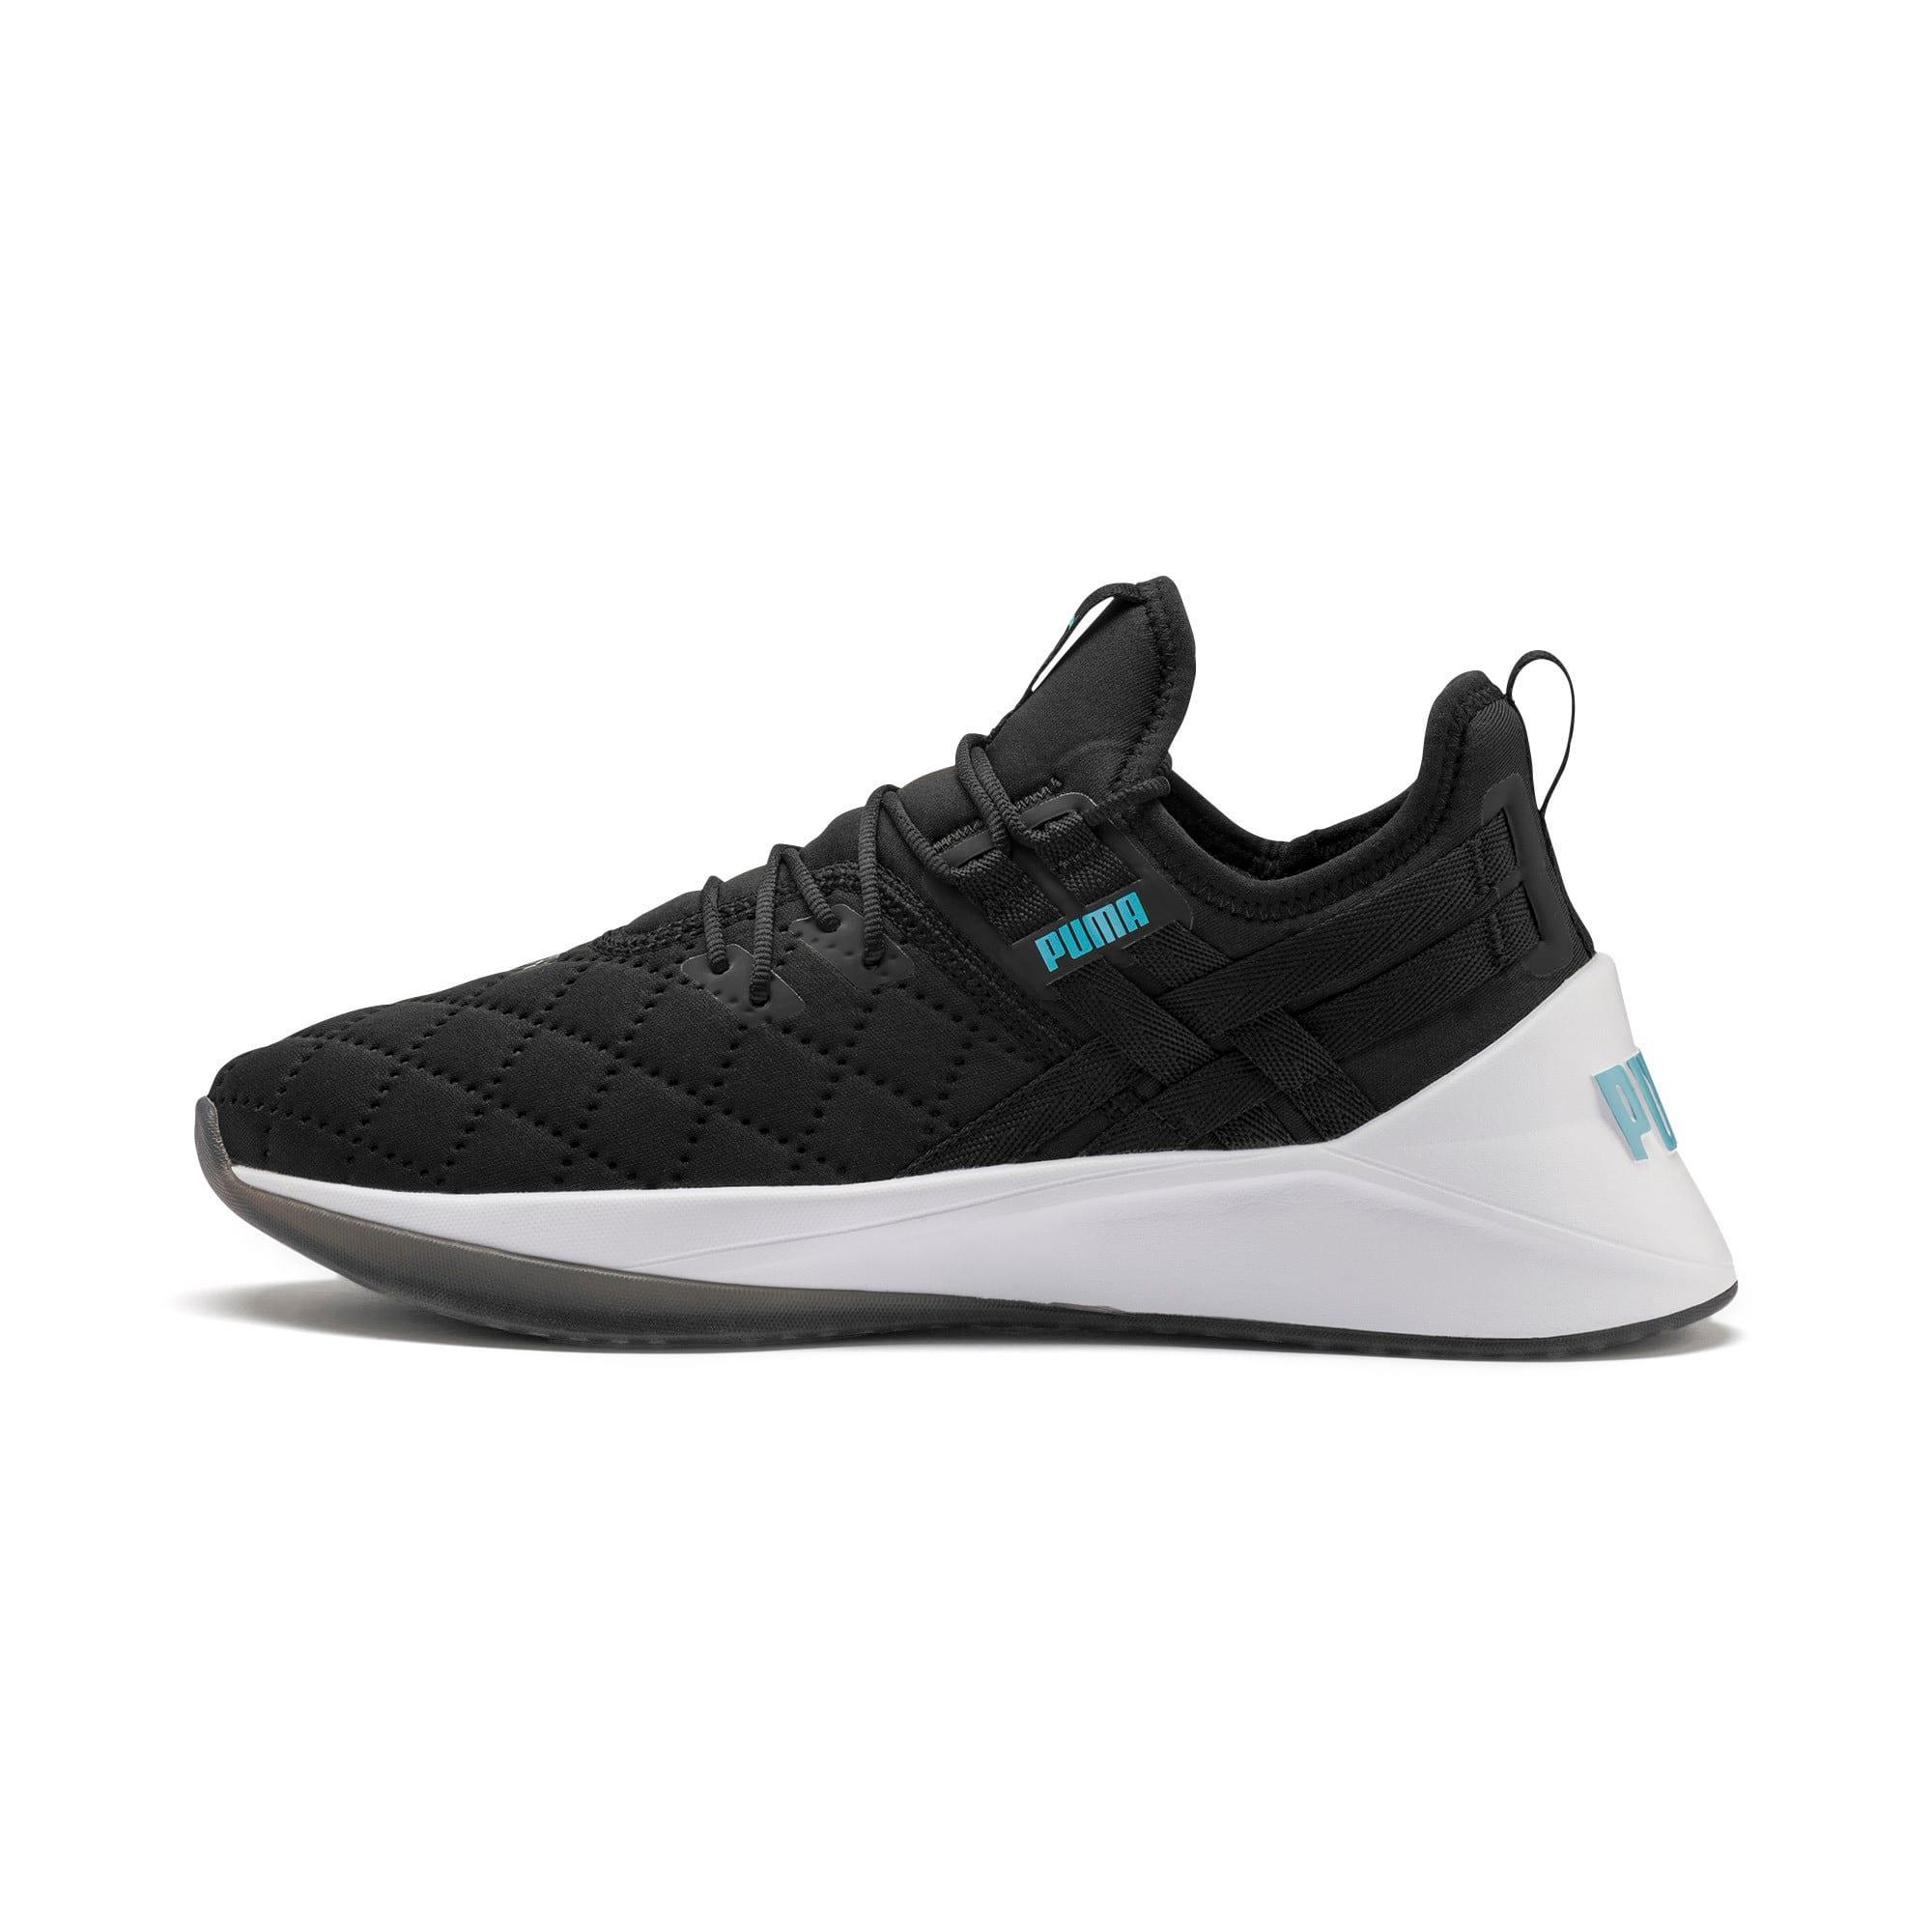 Miniatura 1 de Zapatos deportivos Jaab XT Quilt para mujer, Puma Black-Puma White, mediano